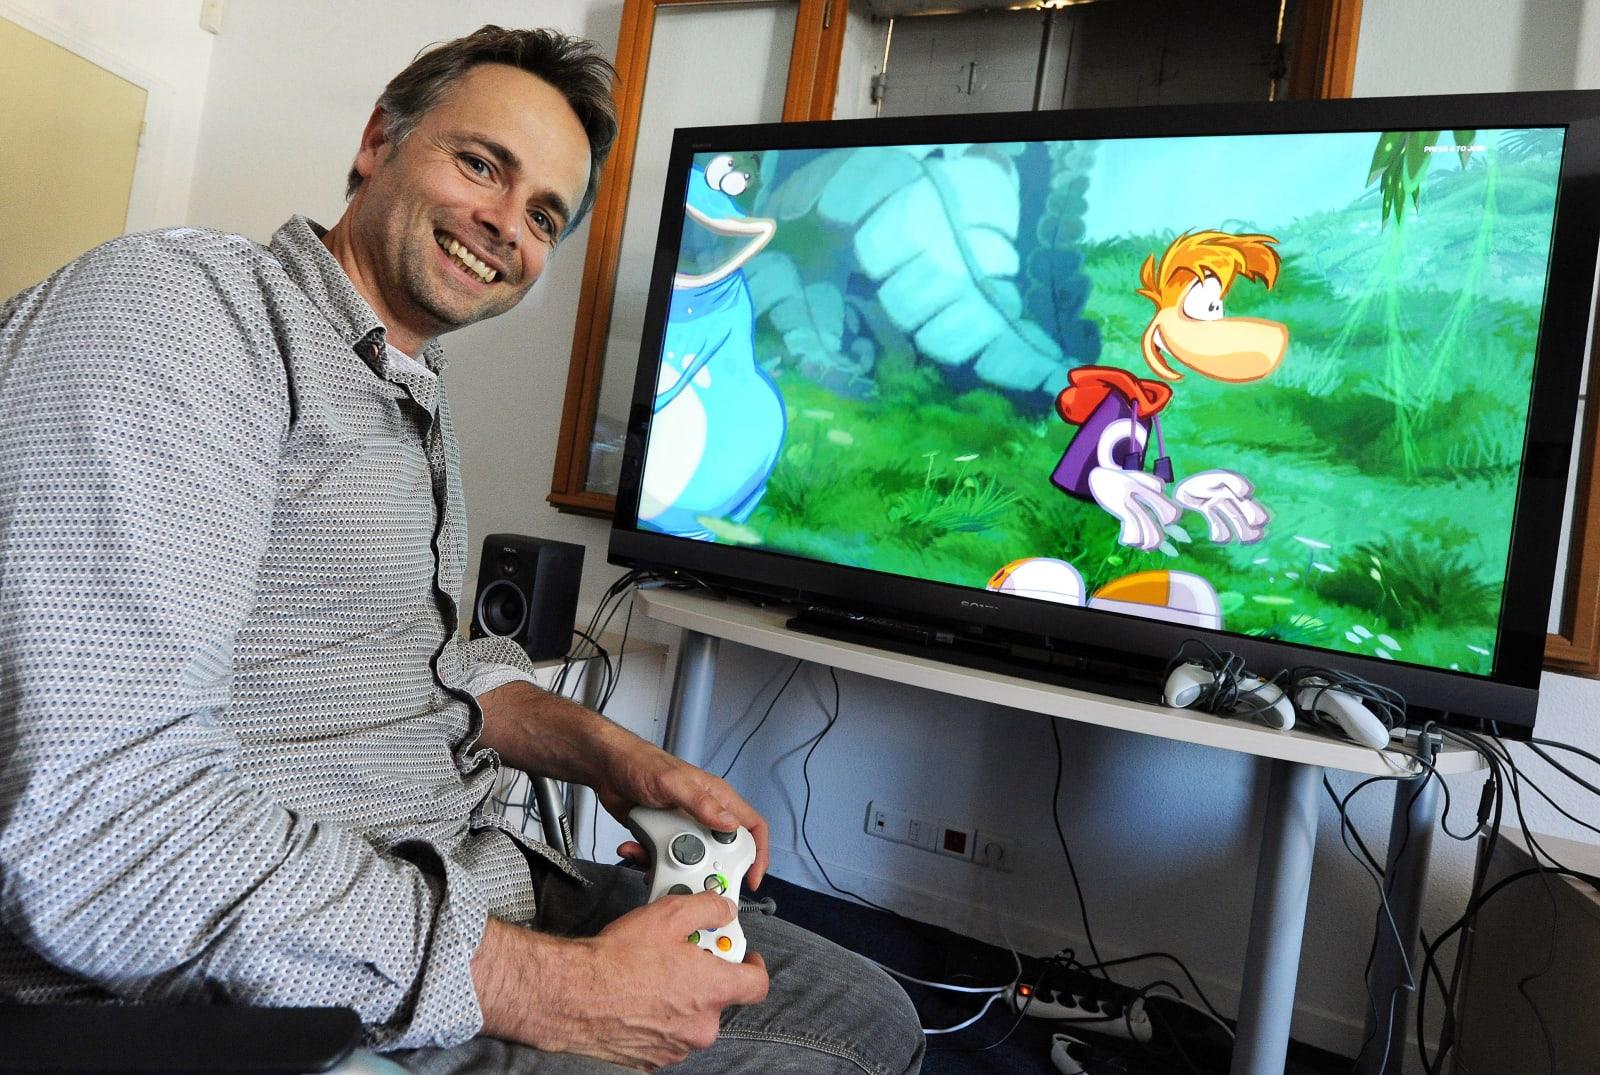 french-videogame-designer-for-ubisoft-co